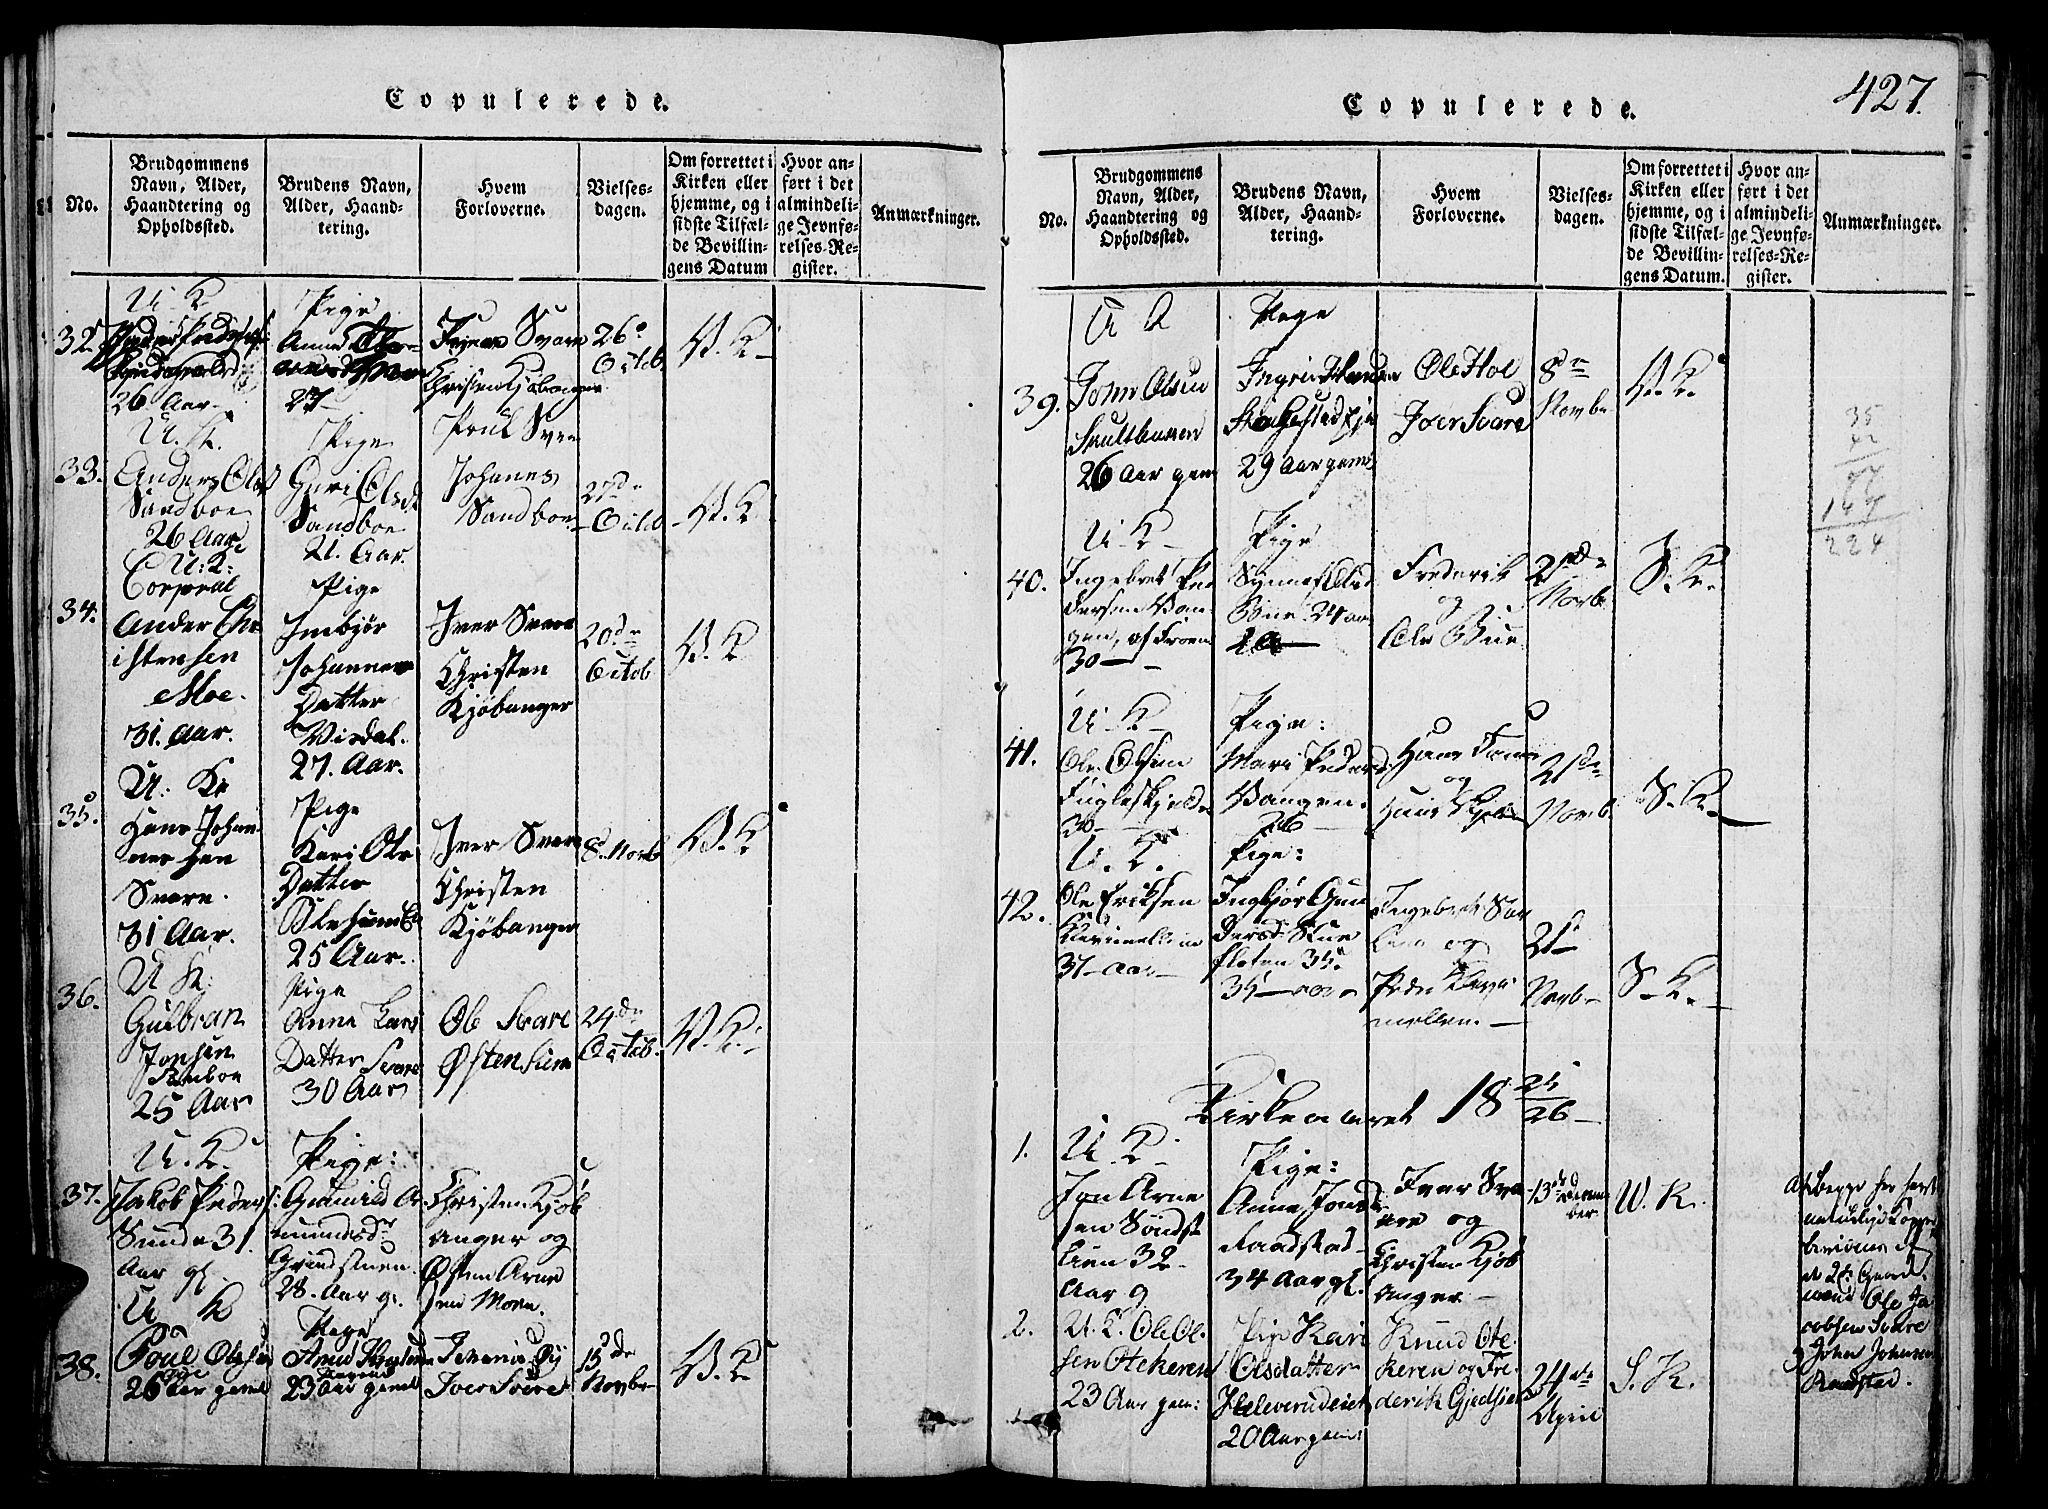 SAH, Vågå prestekontor, Klokkerbok nr. 1, 1815-1827, s. 426-427